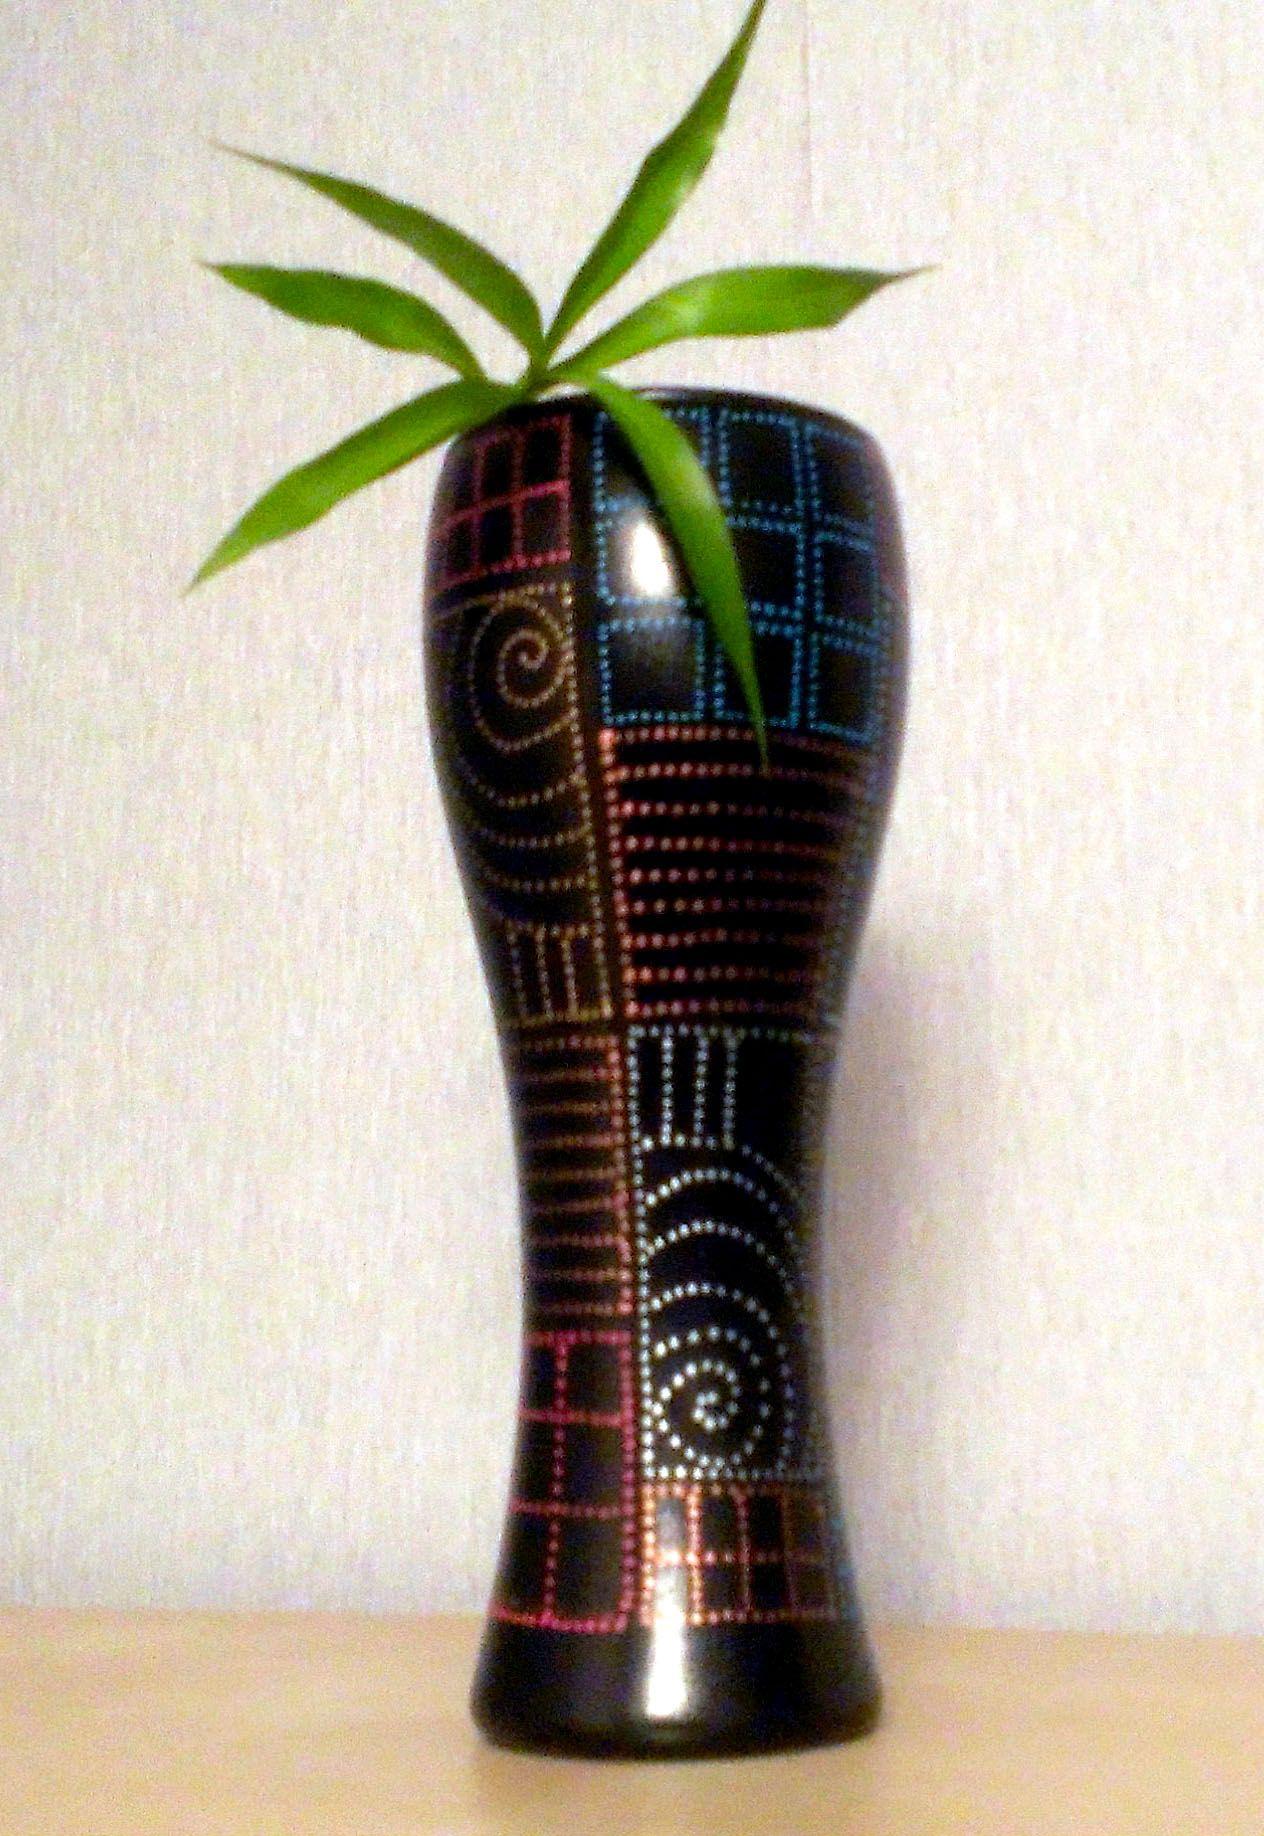 handmade gift present flowers vase design ornament